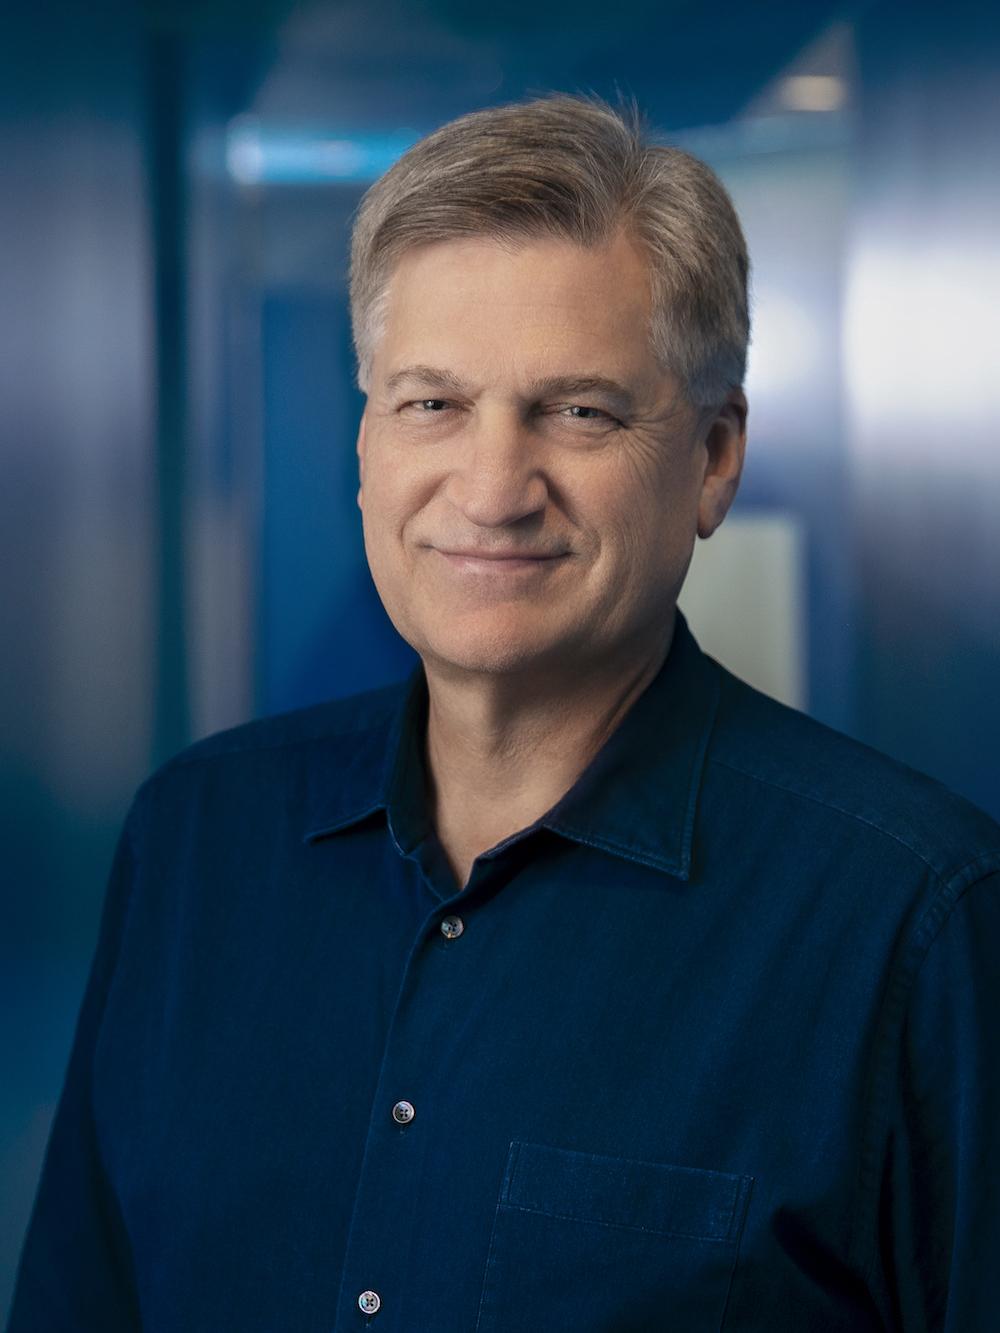 Bryan Lamkin, EVP und General Manager Digital Media bei Adobe